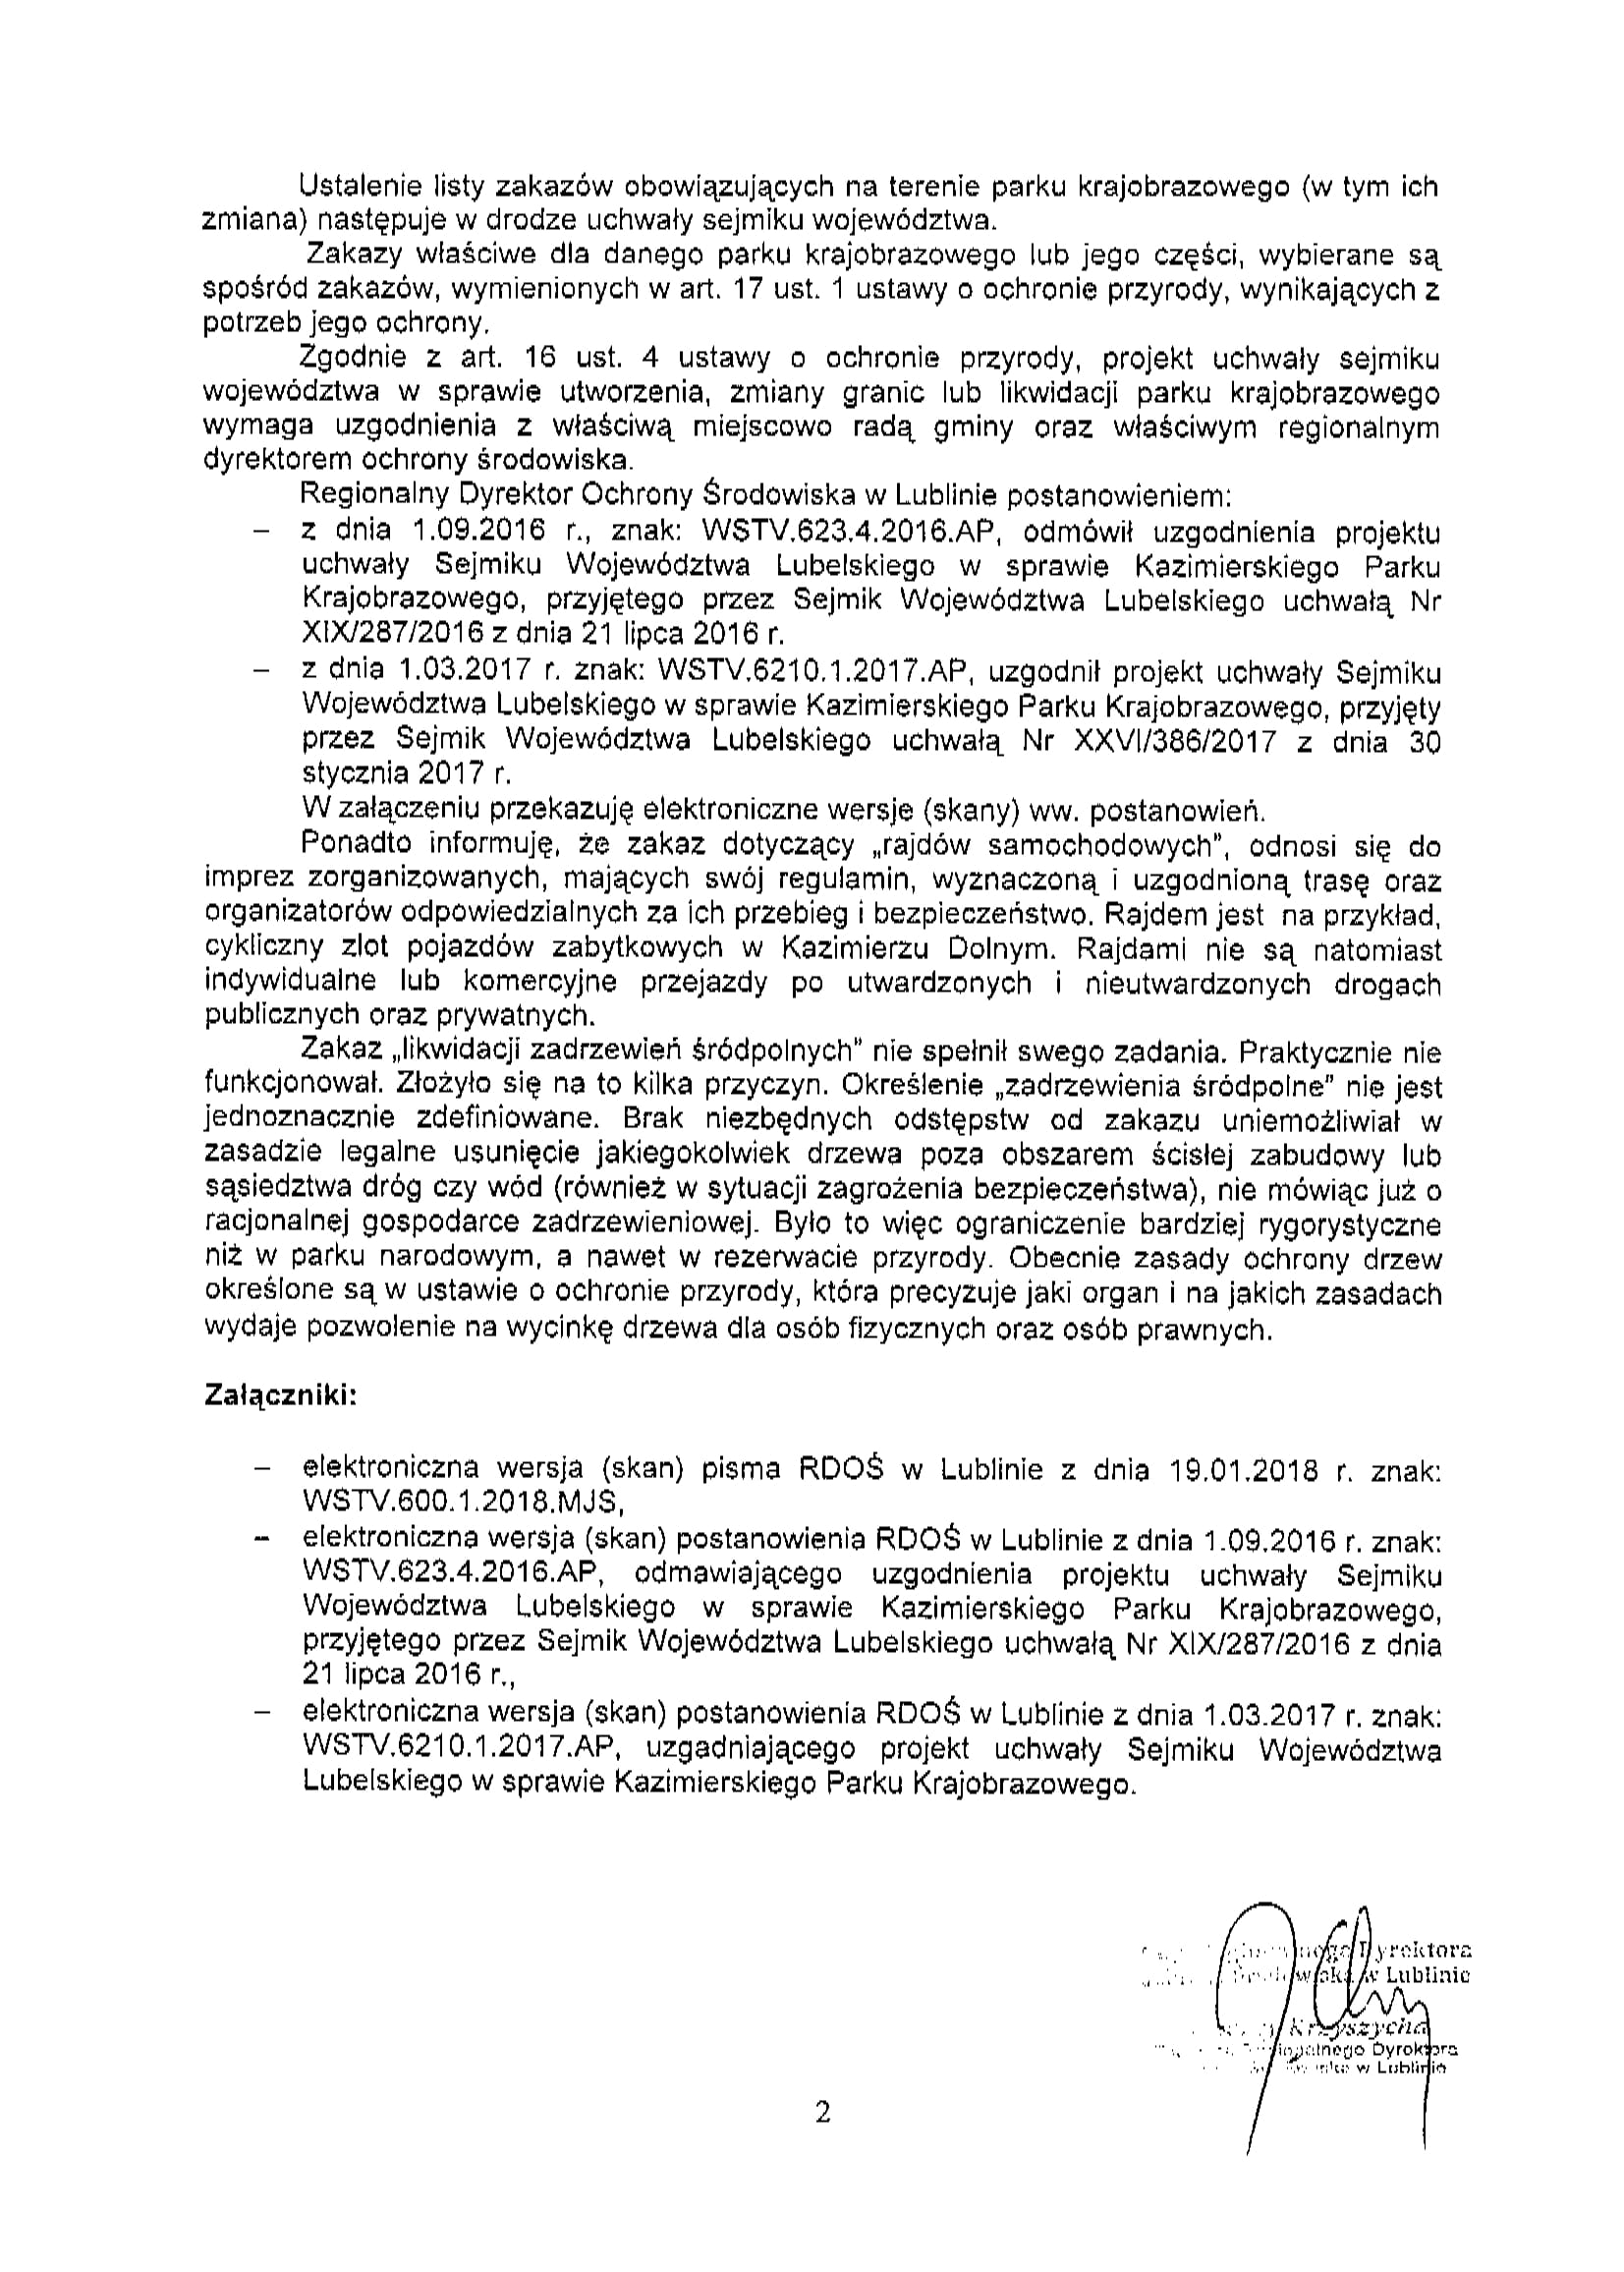 pismo WSI.0123.4.2018 2